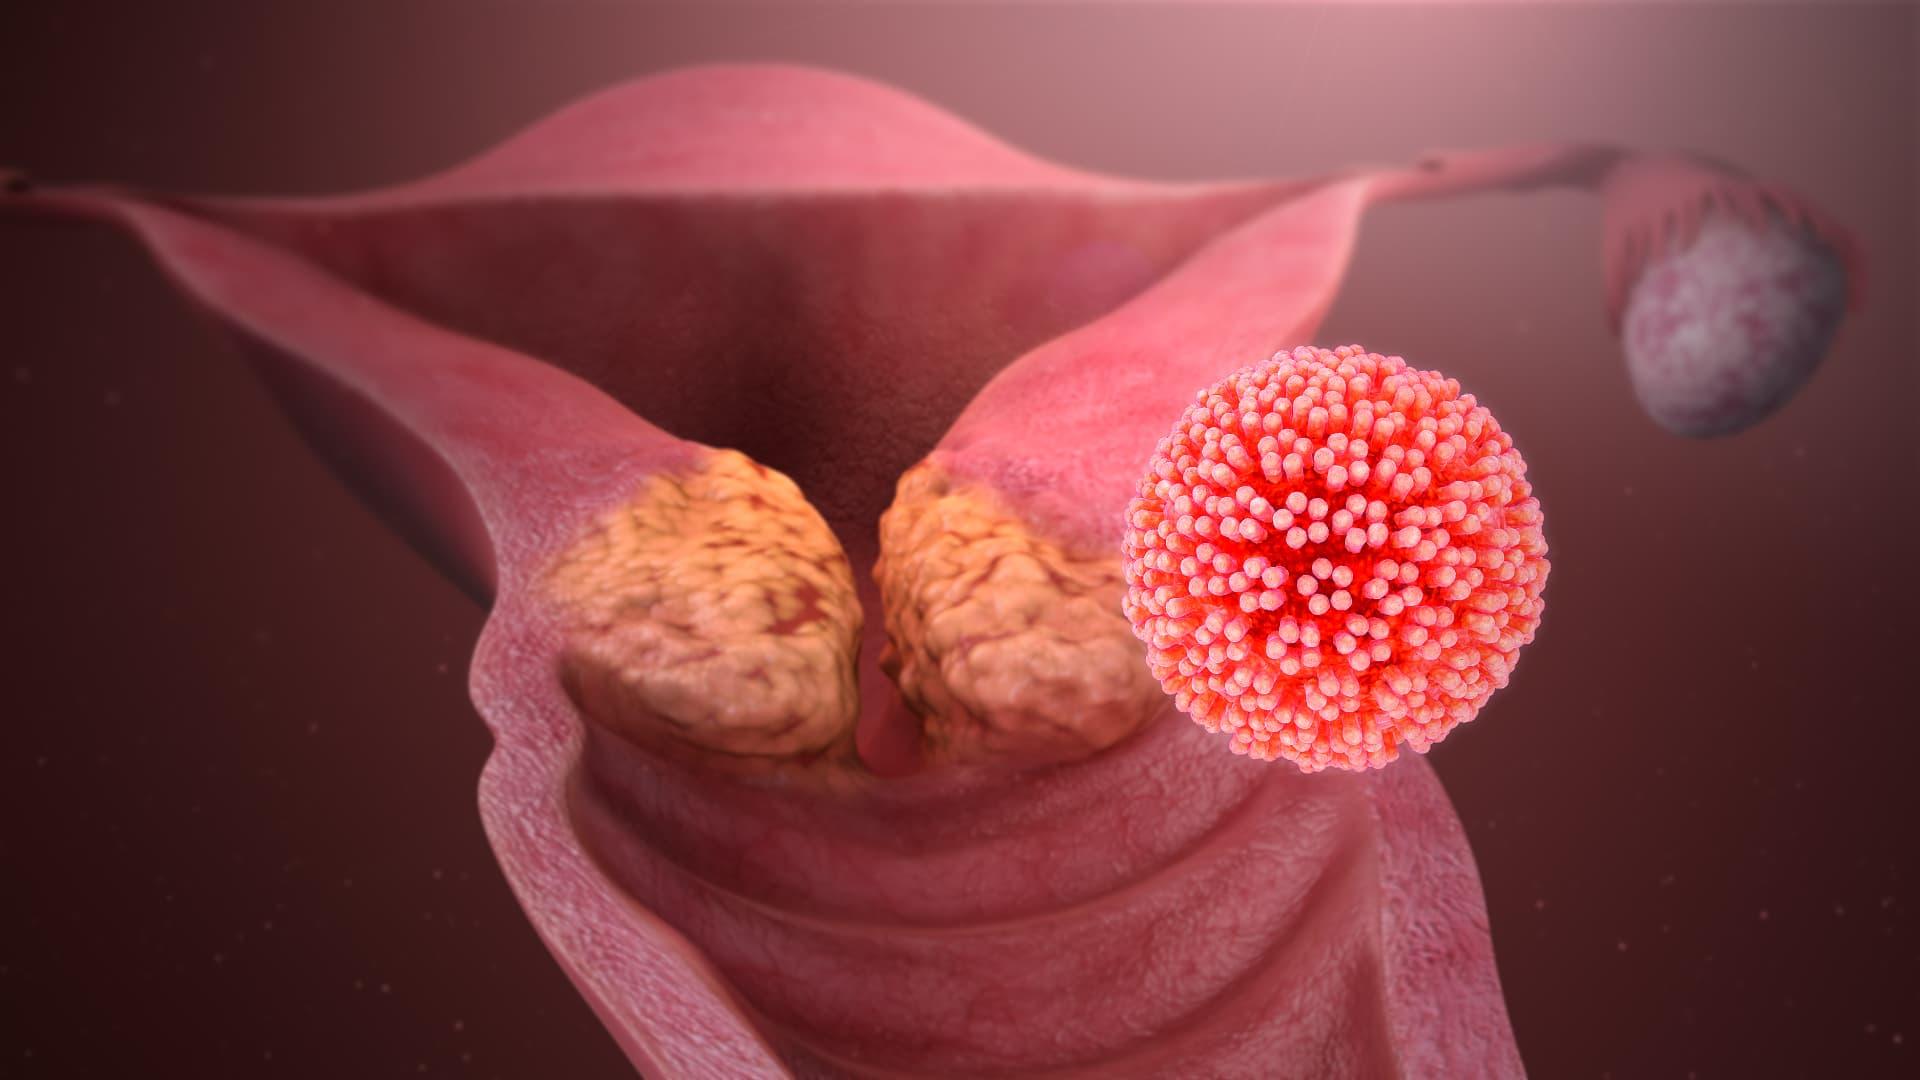 papilloma virus colposcopia positiva intraductal papilloma prognosis